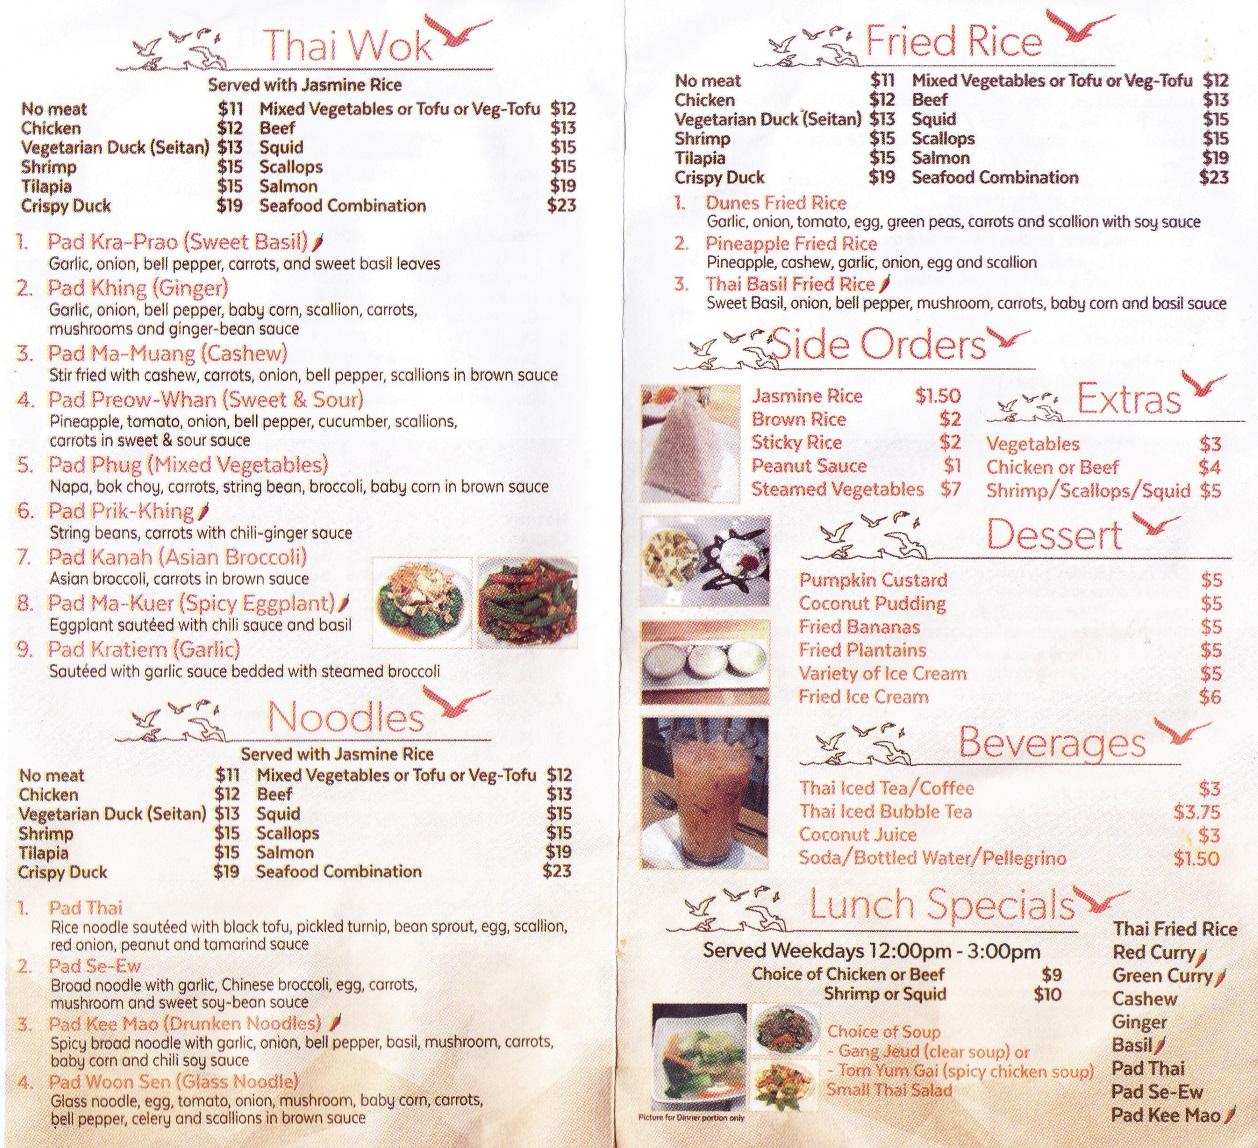 Whereisthemenu.net | Thai Kitchen by the Sea - Arverne, NY 11692